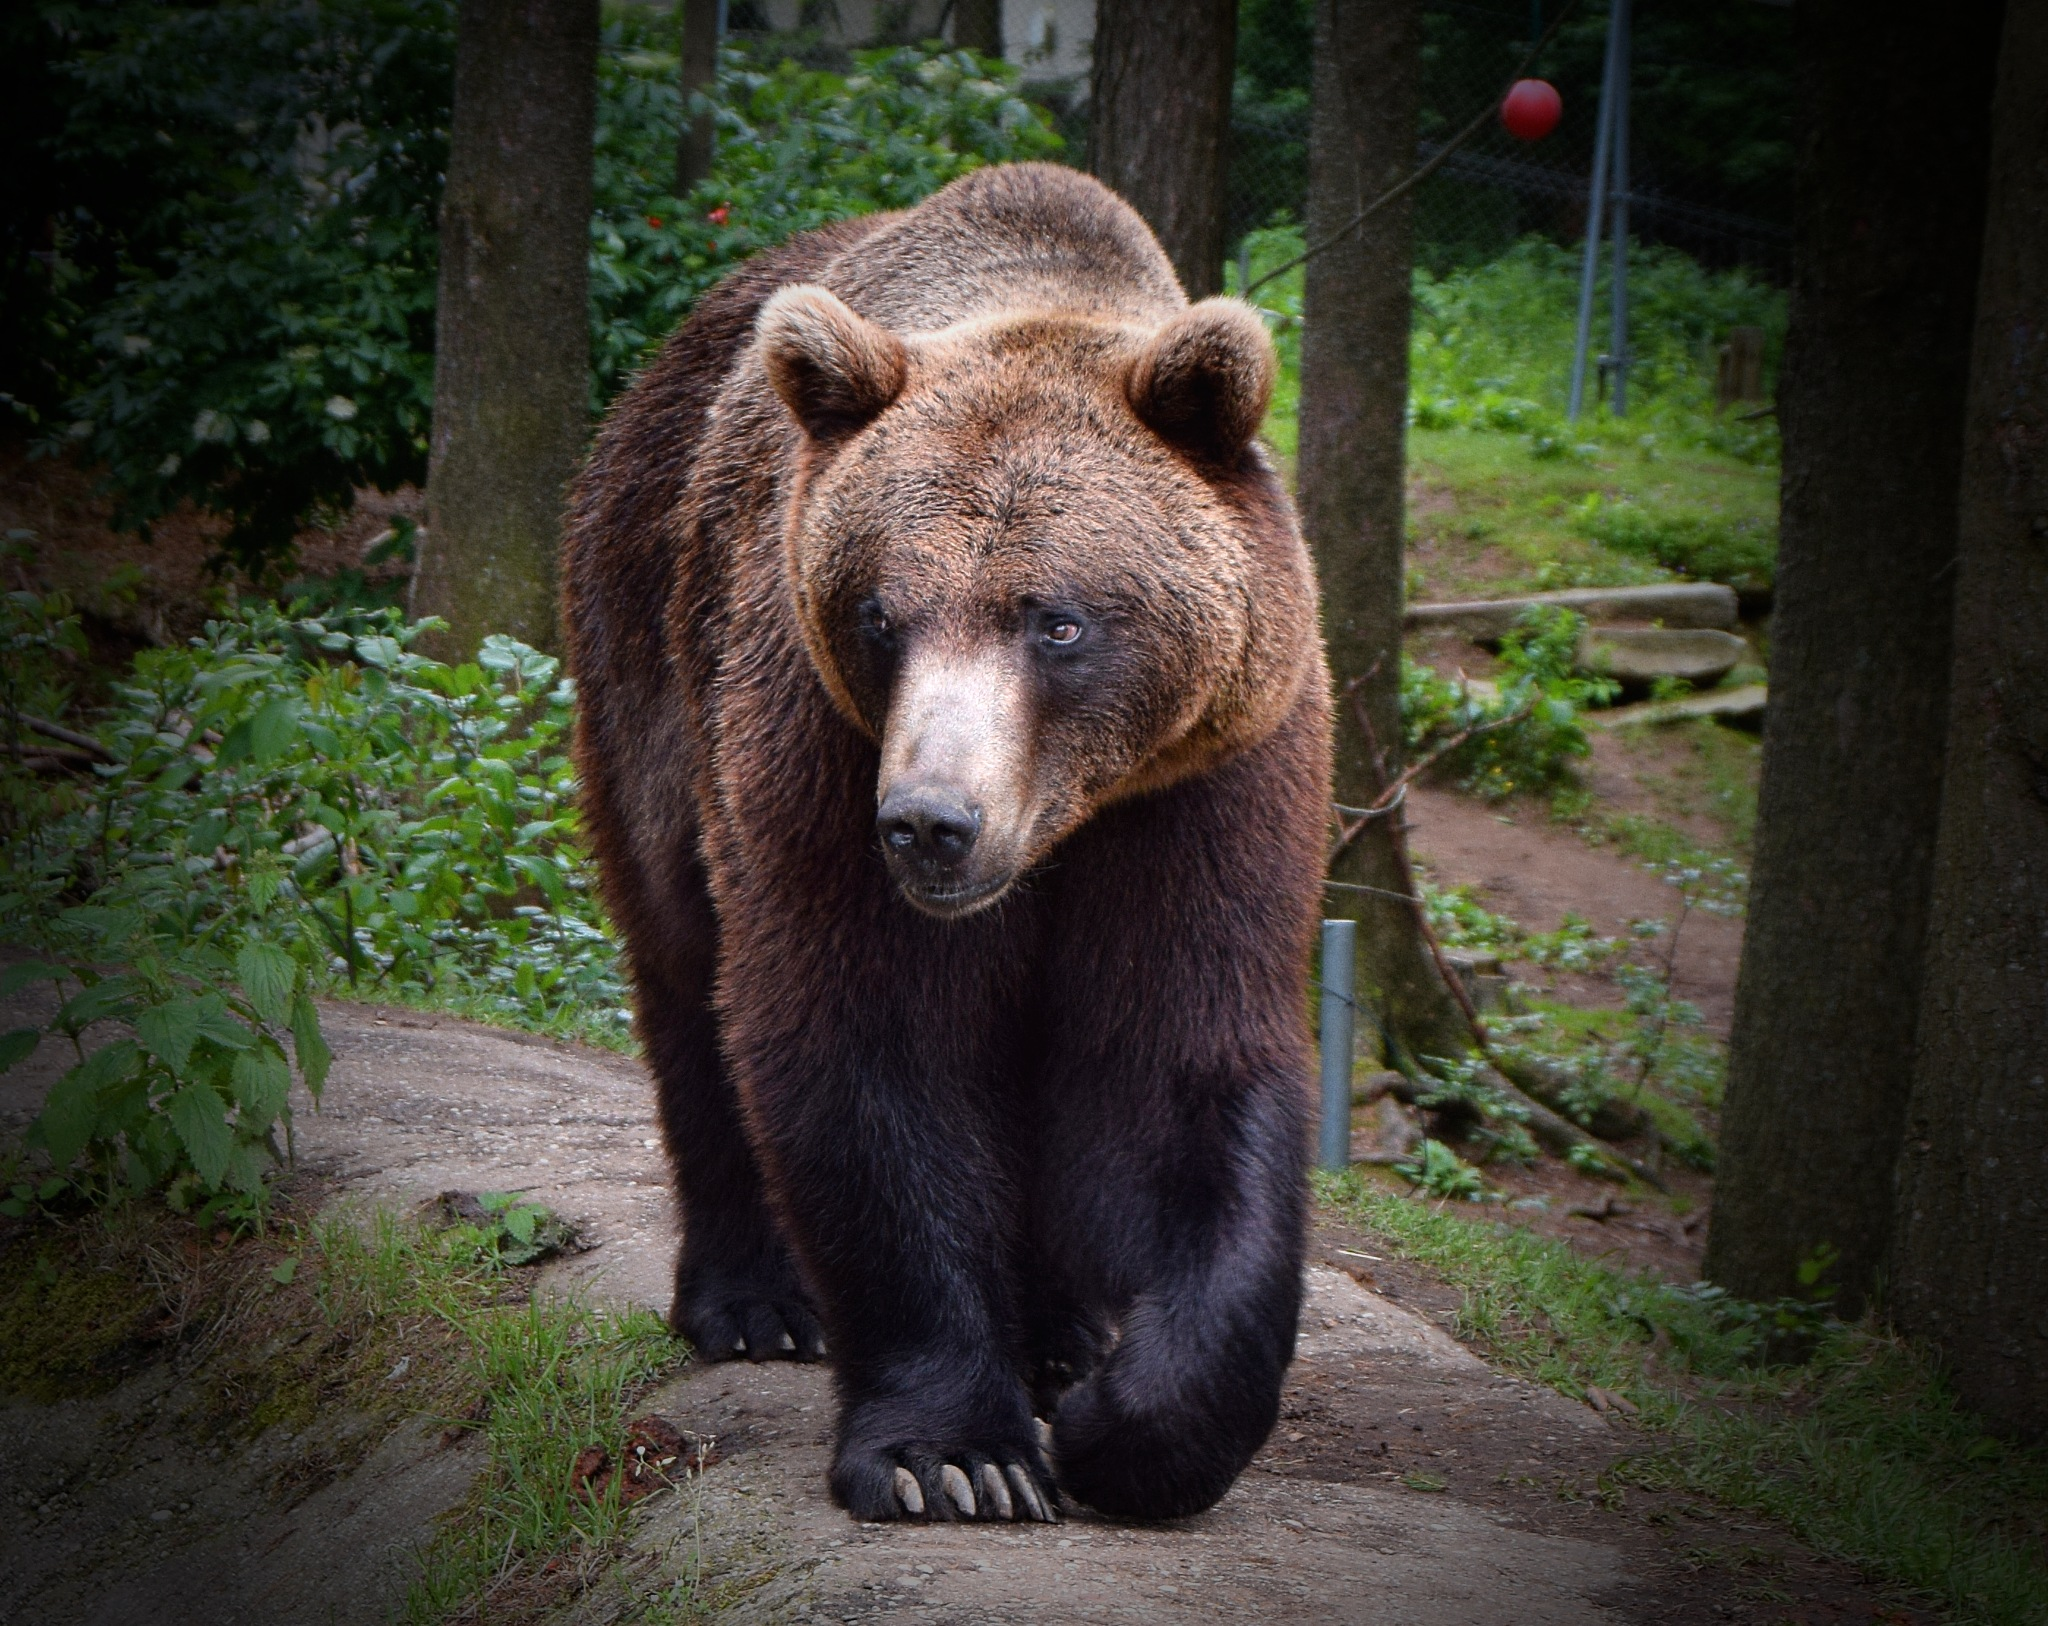 Brown Bear by PeterHaselstoner